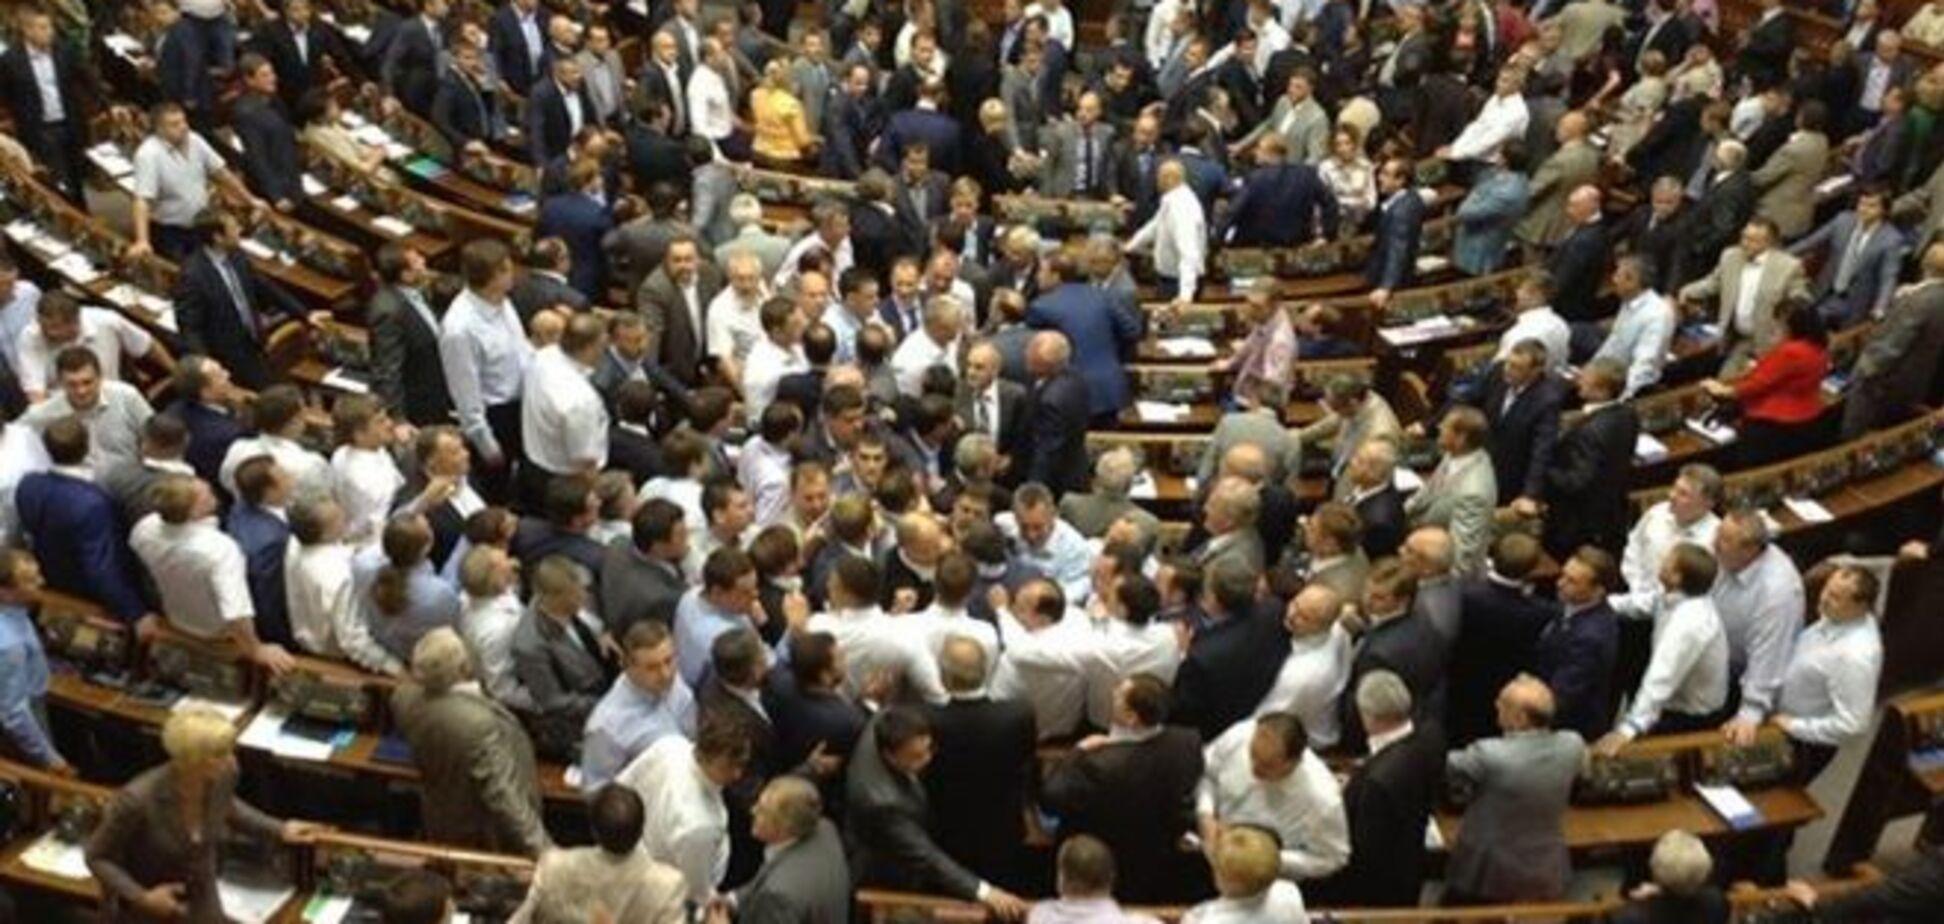 Чтобы реформы стали реальностью, необходимо перезагрузить парламент